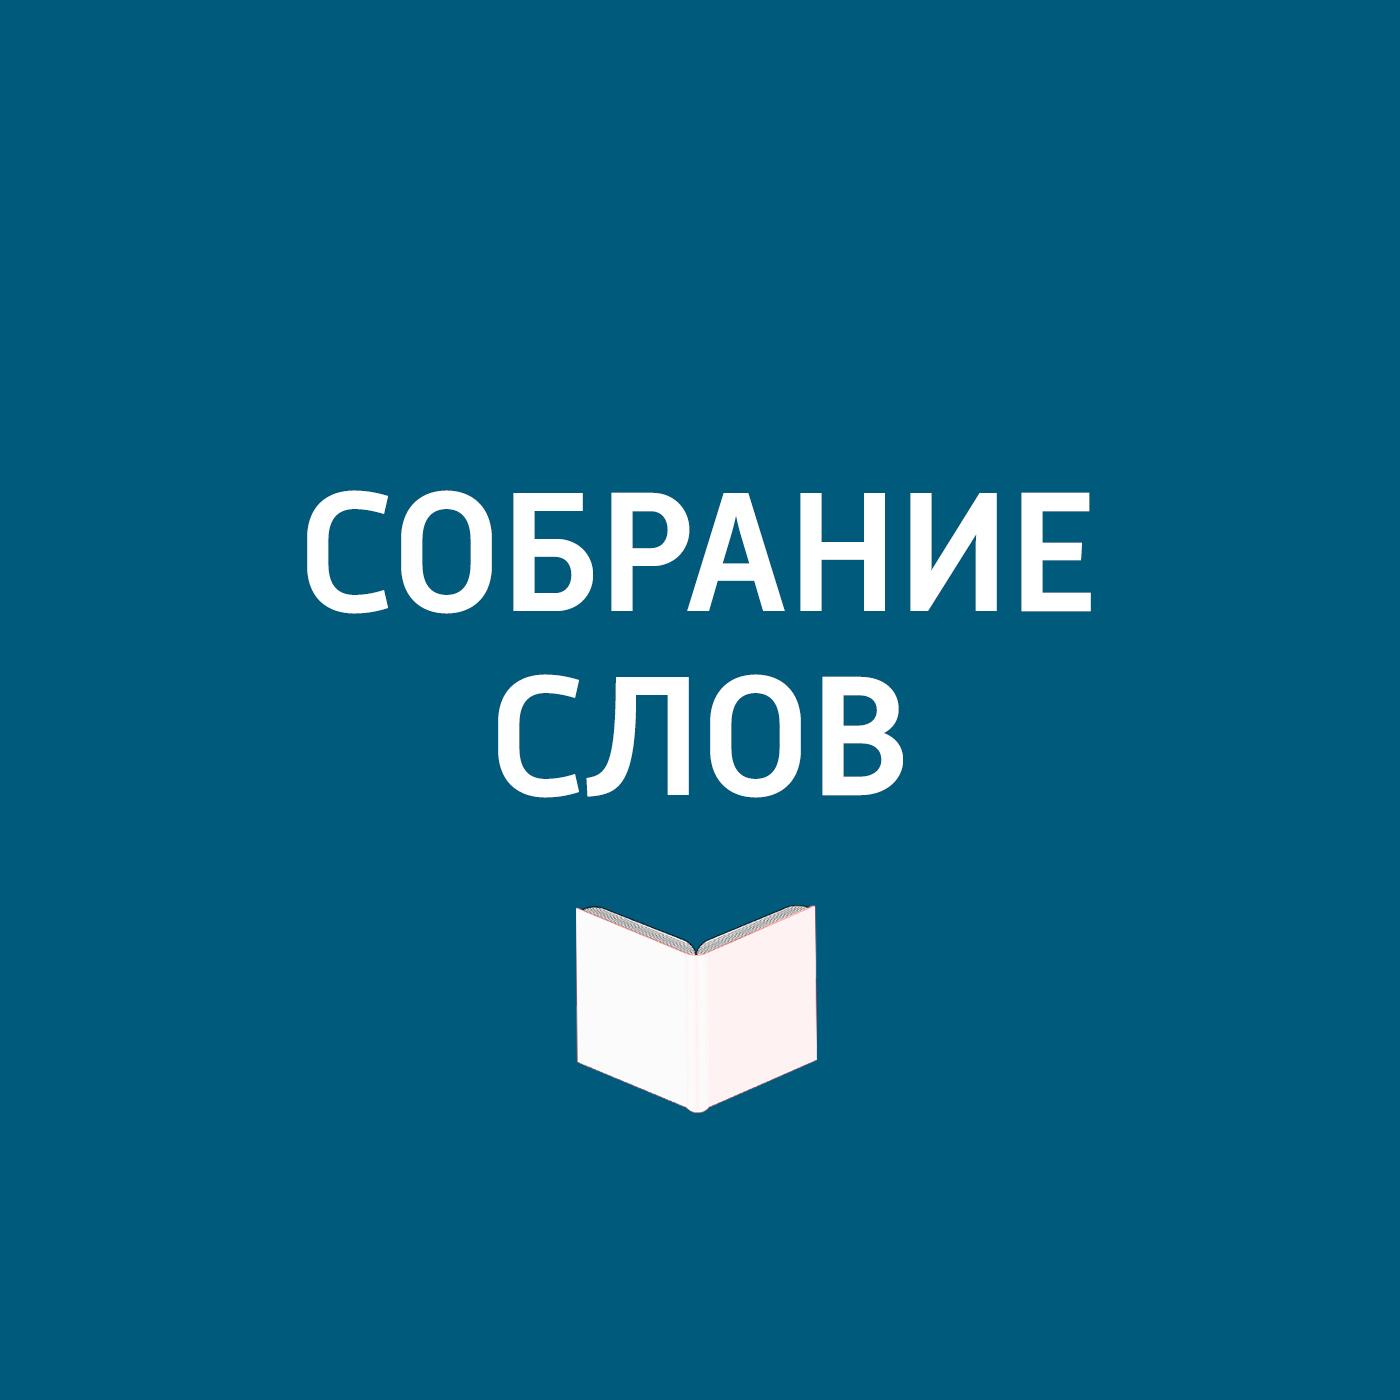 Творческий коллектив программы «Собрание слов» К 150-летию Николая II творческий коллектив программы собрание слов о выставке антонио гауди барселона